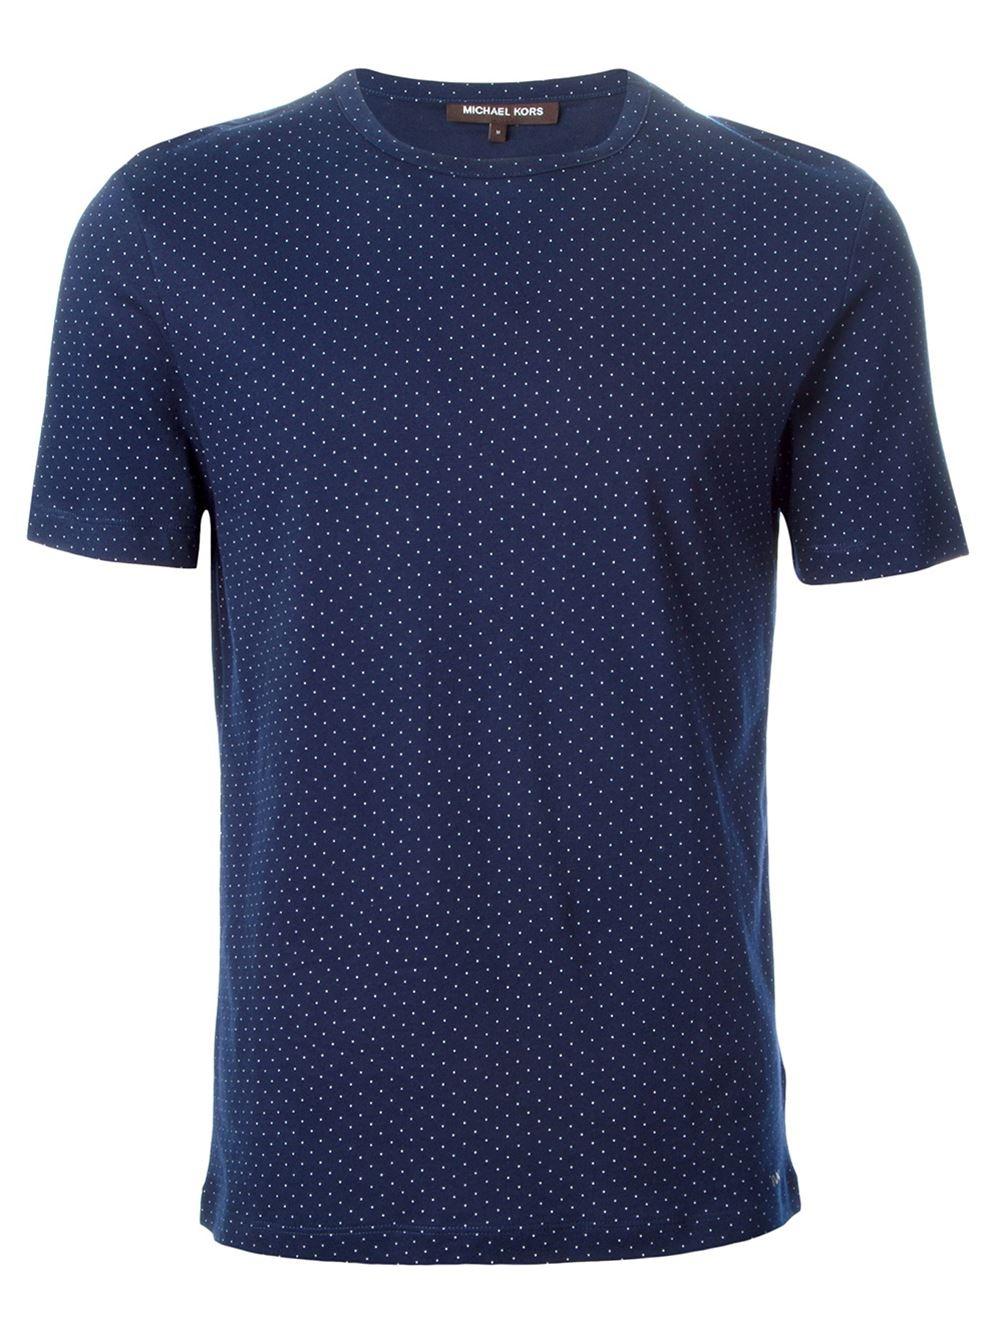 michael kors polka dot t shirt in blue for men lyst. Black Bedroom Furniture Sets. Home Design Ideas